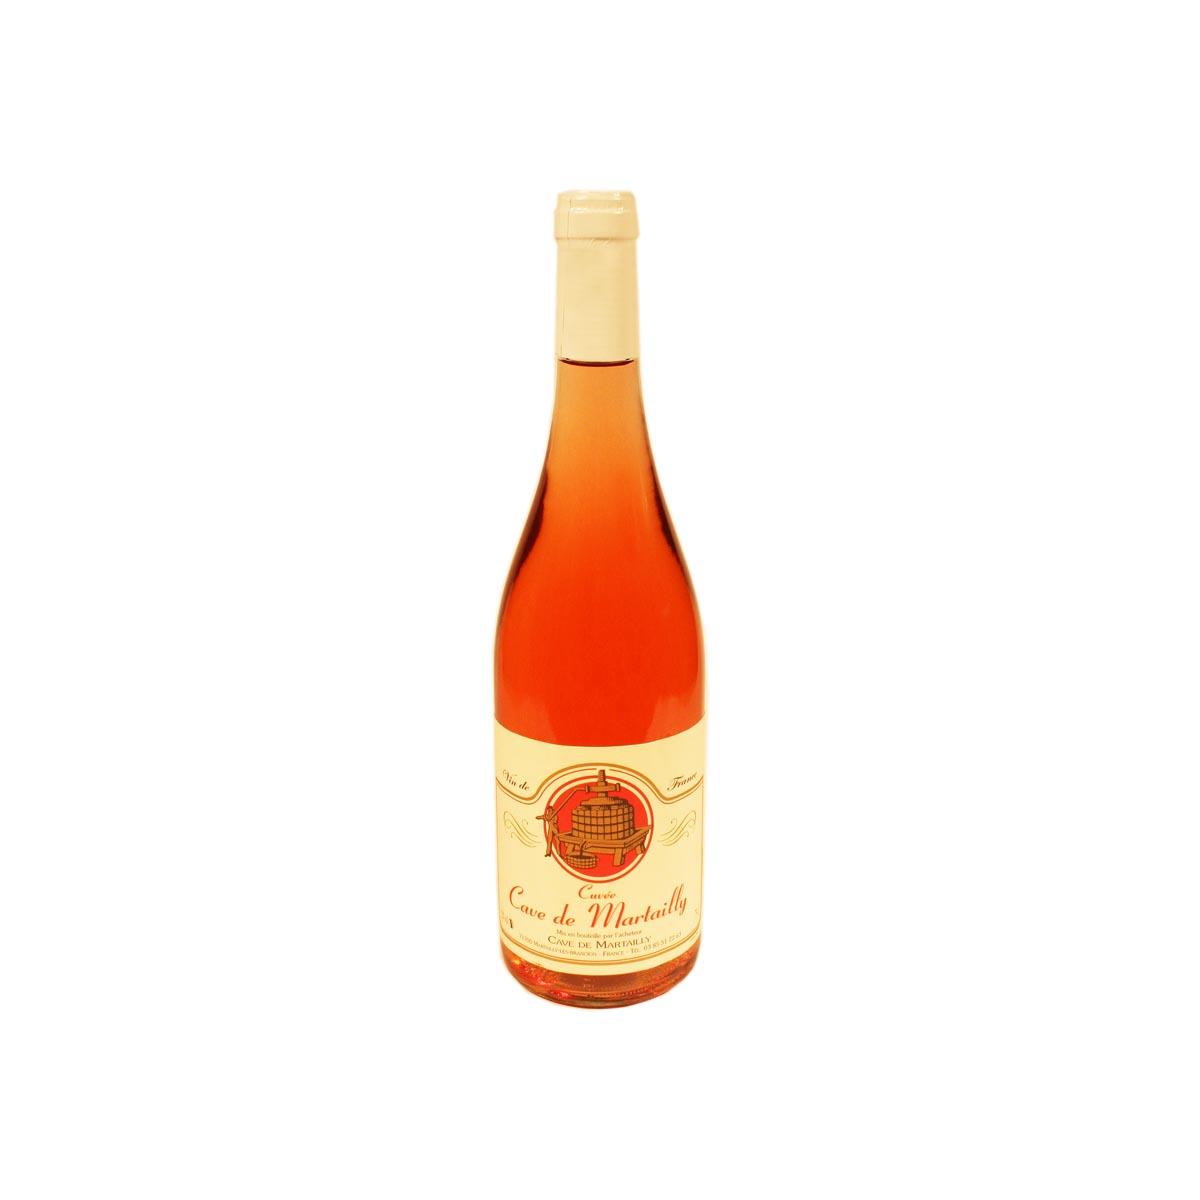 Vin de France 12° Rosé cuvée de Martailly